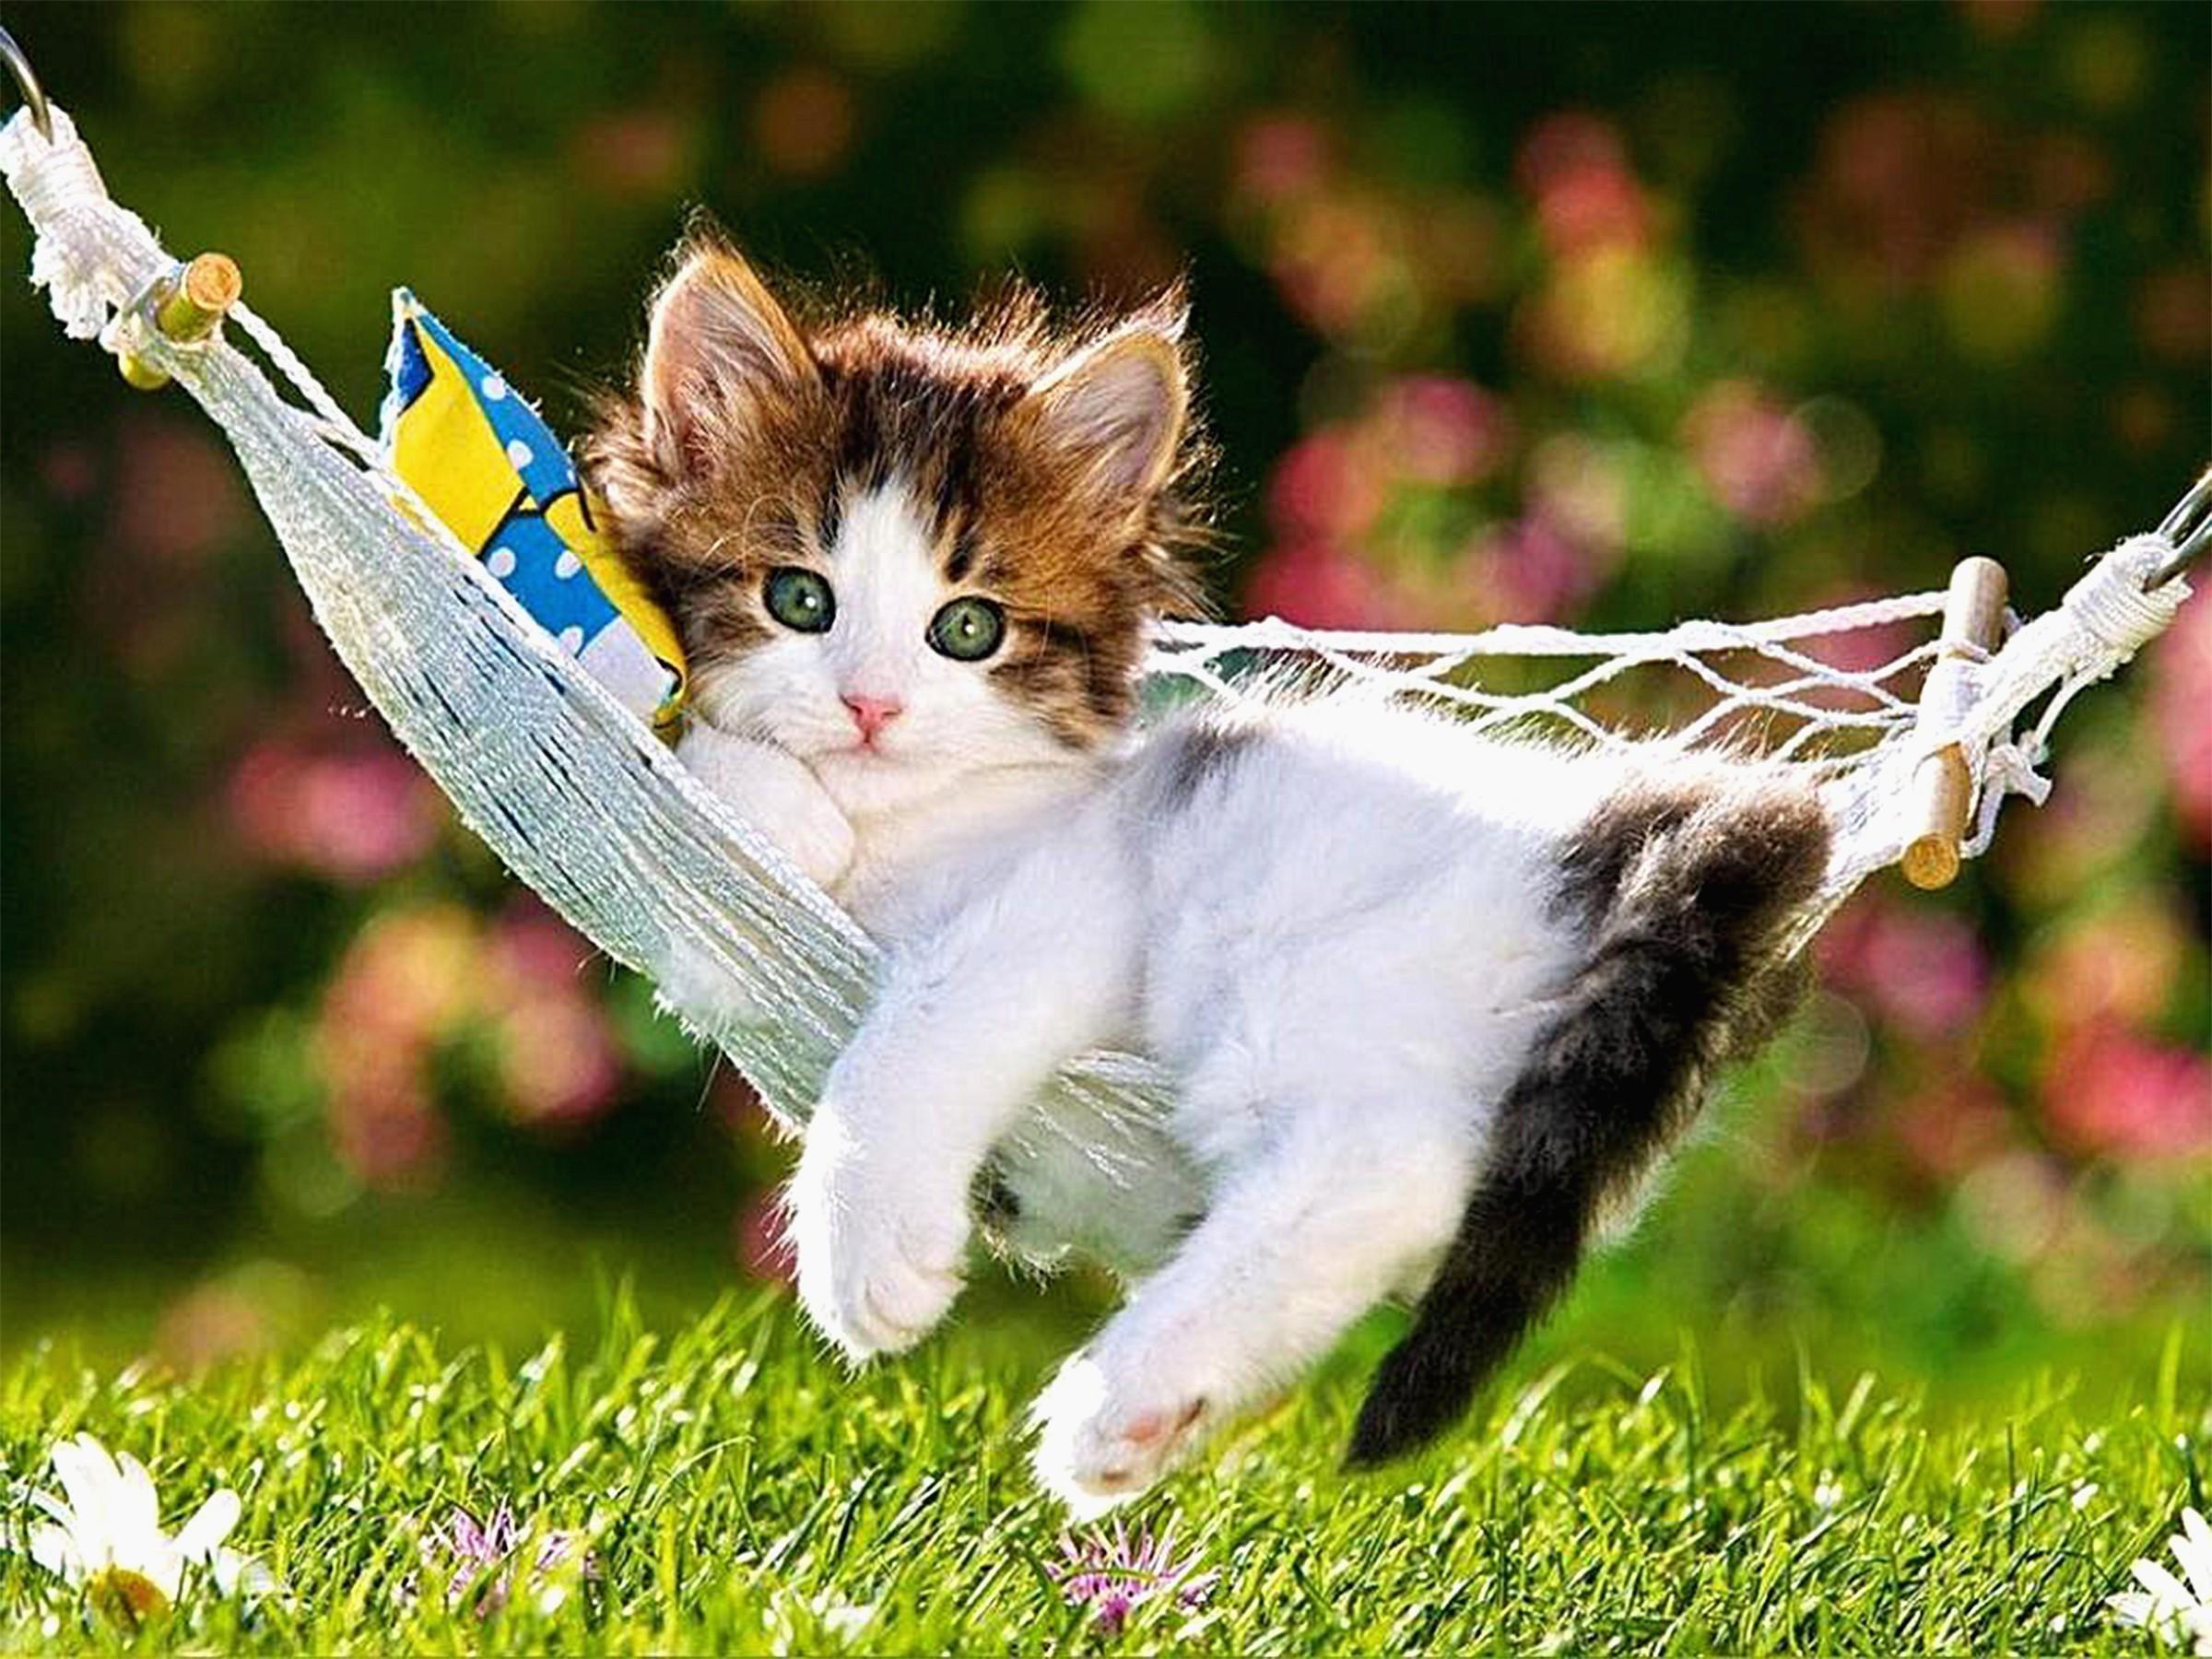 Res: 2400x1800, cute cat wallpaper download #555353